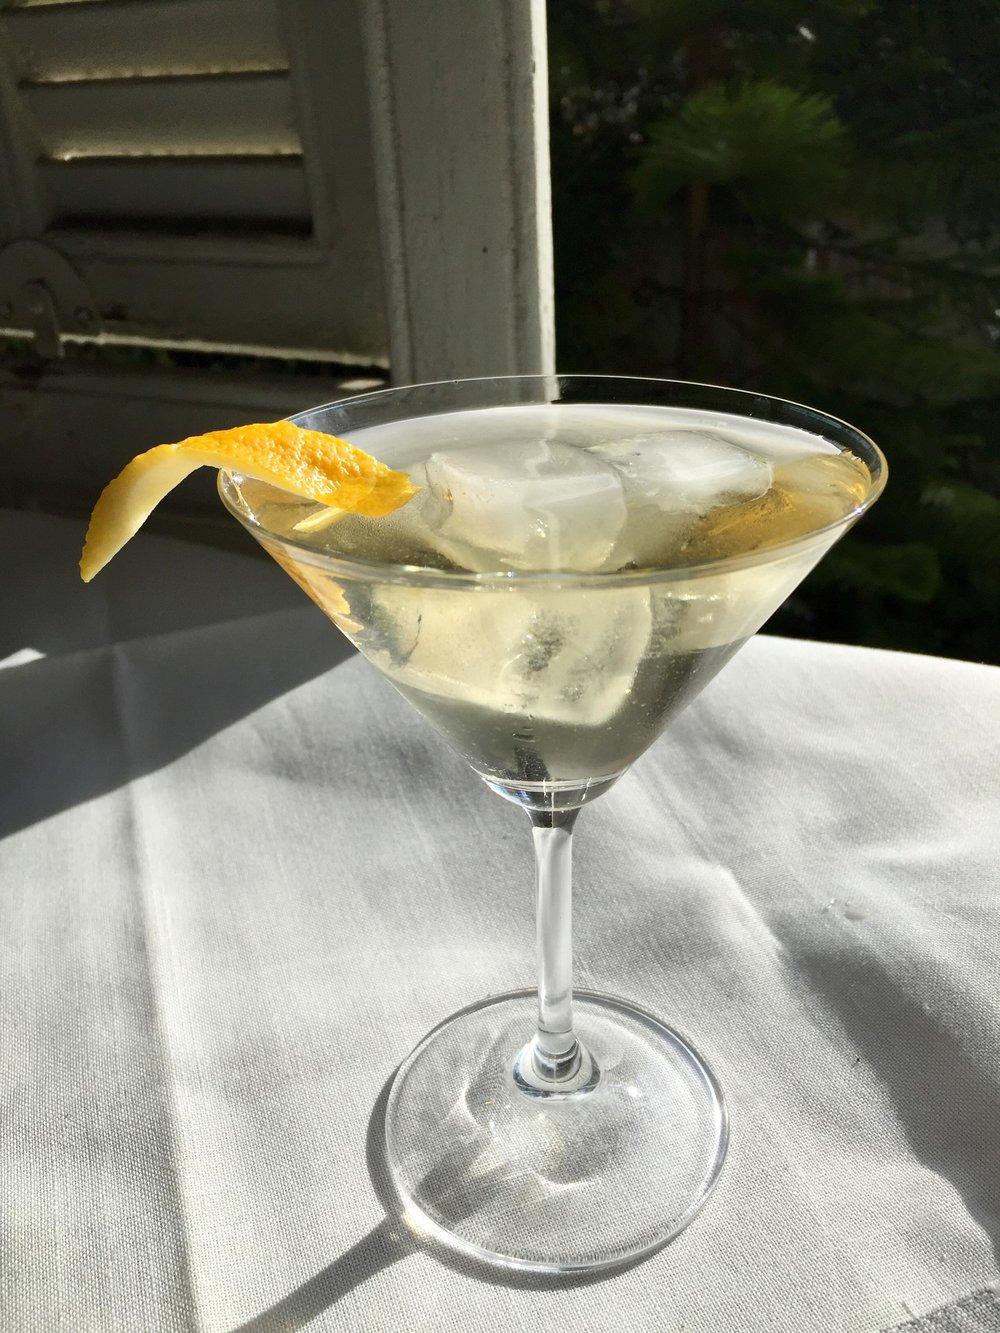 Class in a glass